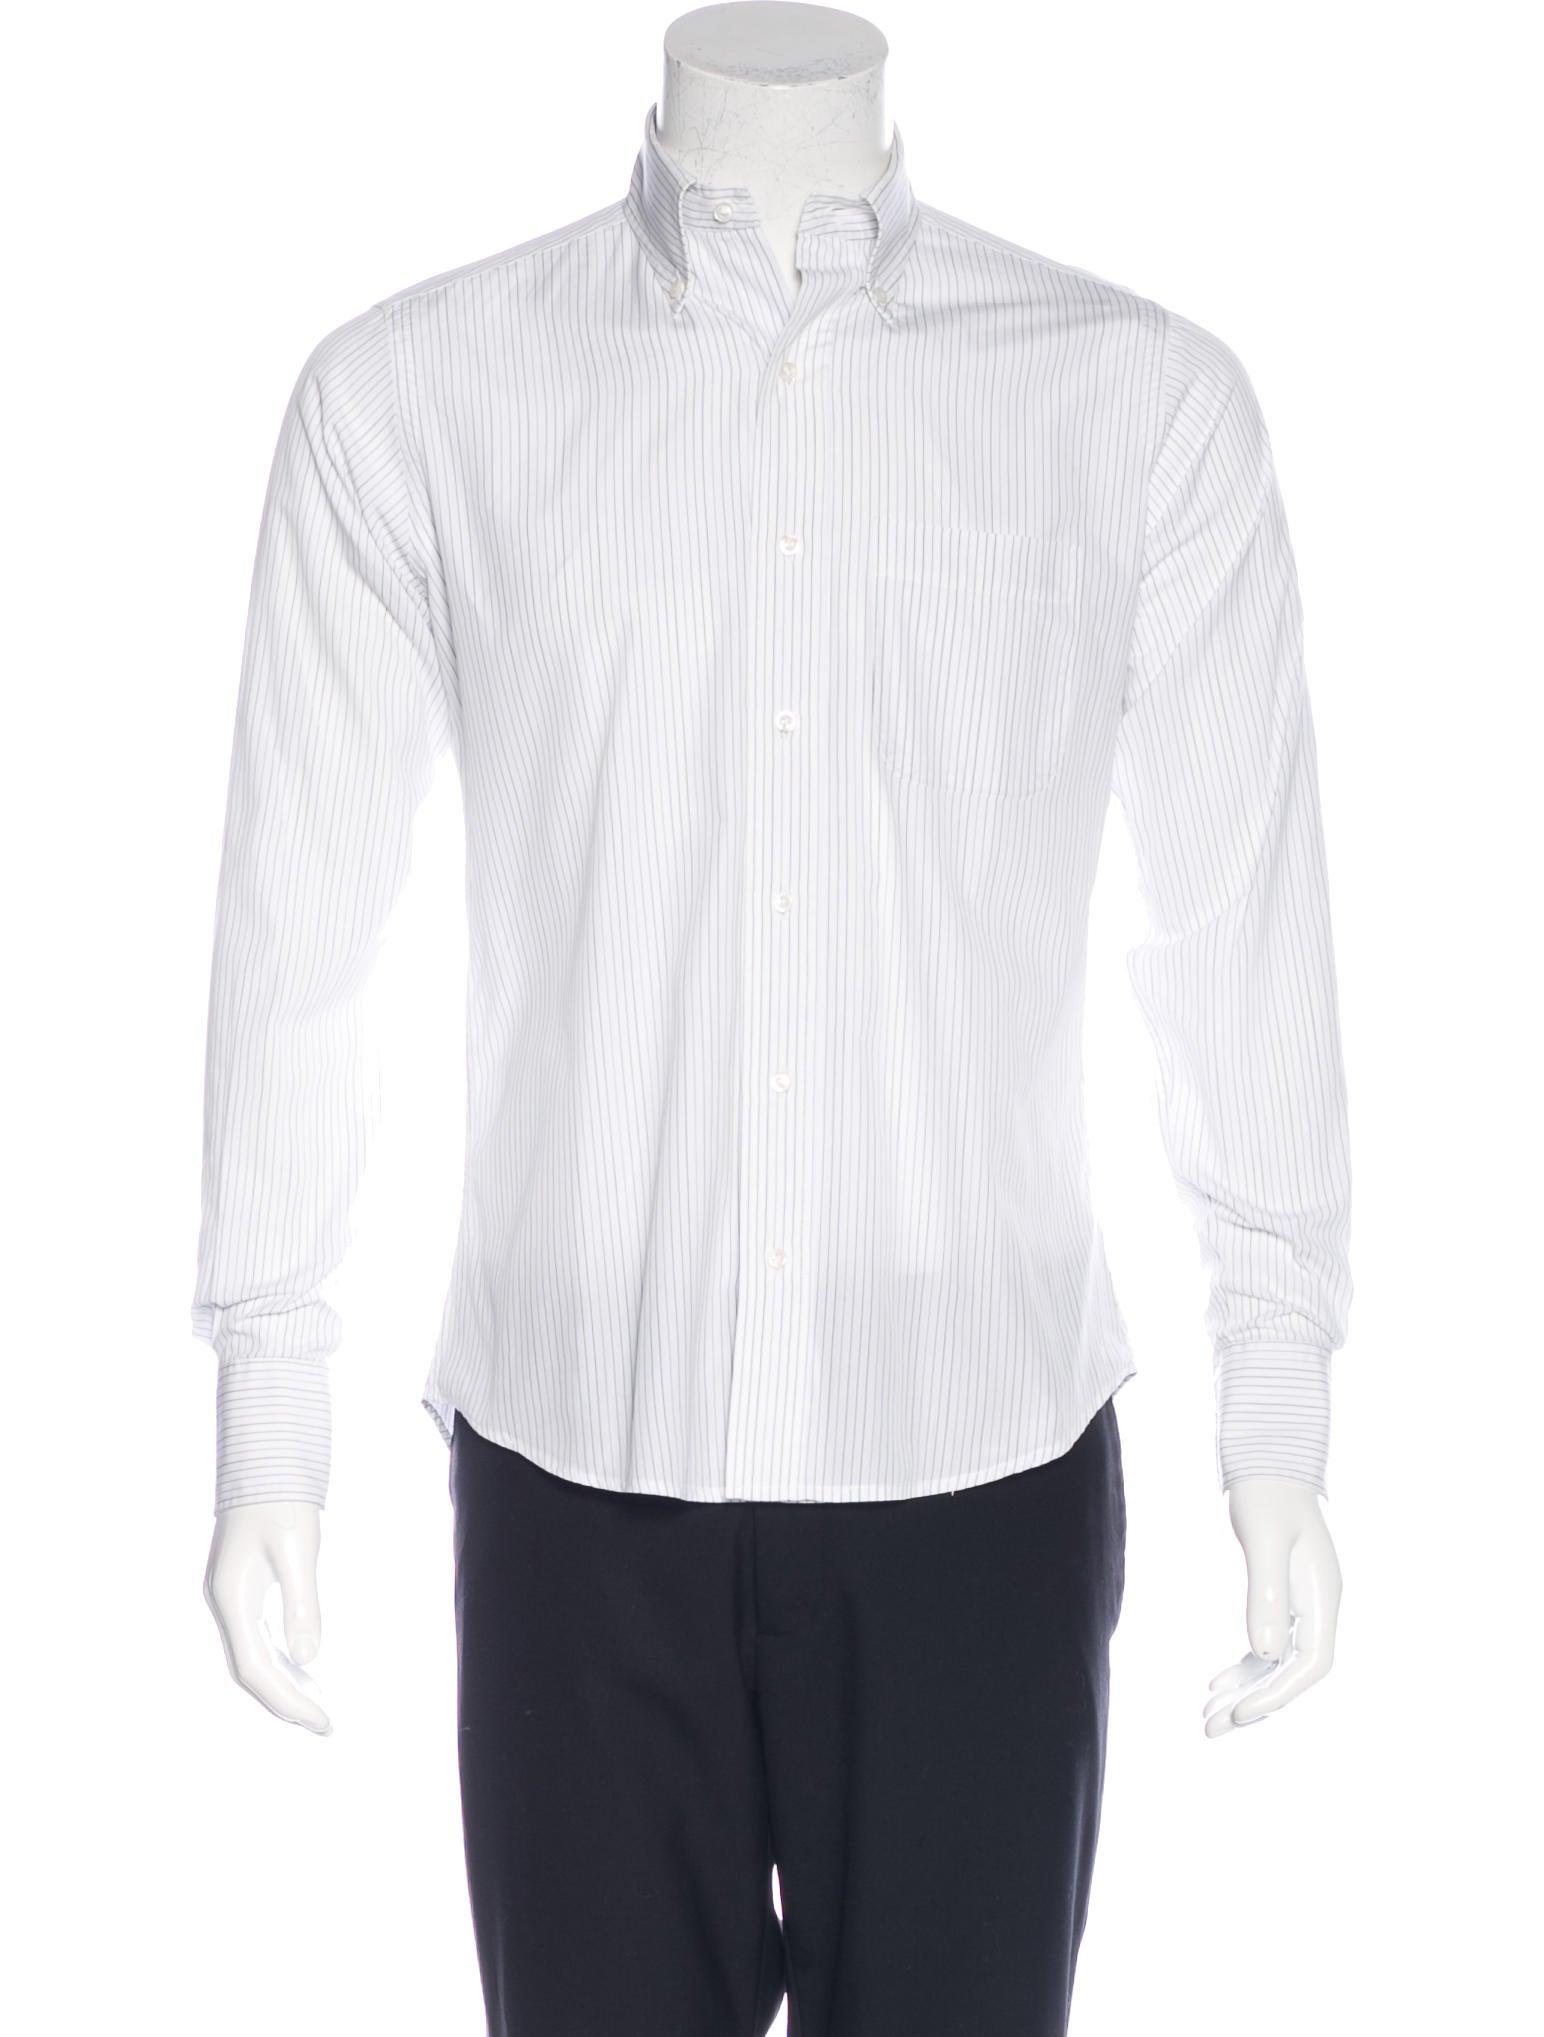 Thom browne striped poplin shirt clothing tho21544 for Thom browne shirt sale